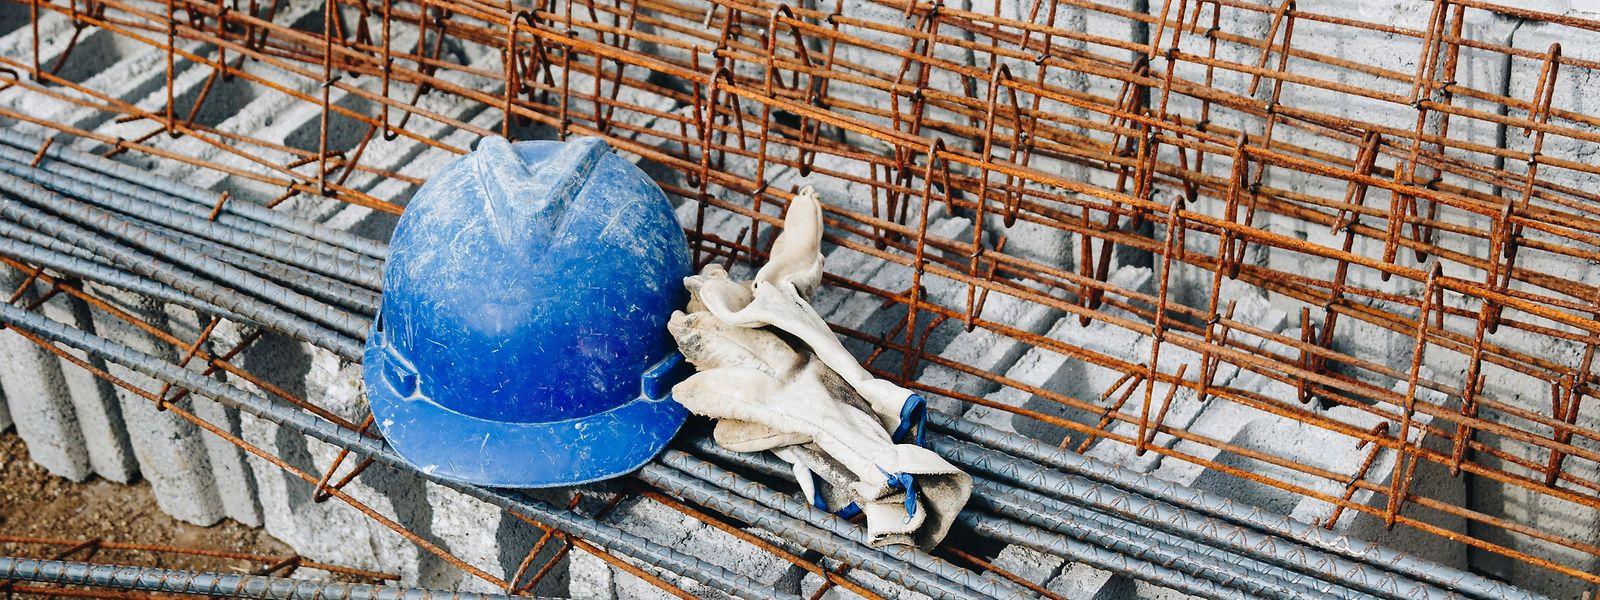 Der Mangel an bezahlbarem Baumaterial führt an vielen Baustellen dazu, dass die Arbeiten unterbrochen werden müssen.